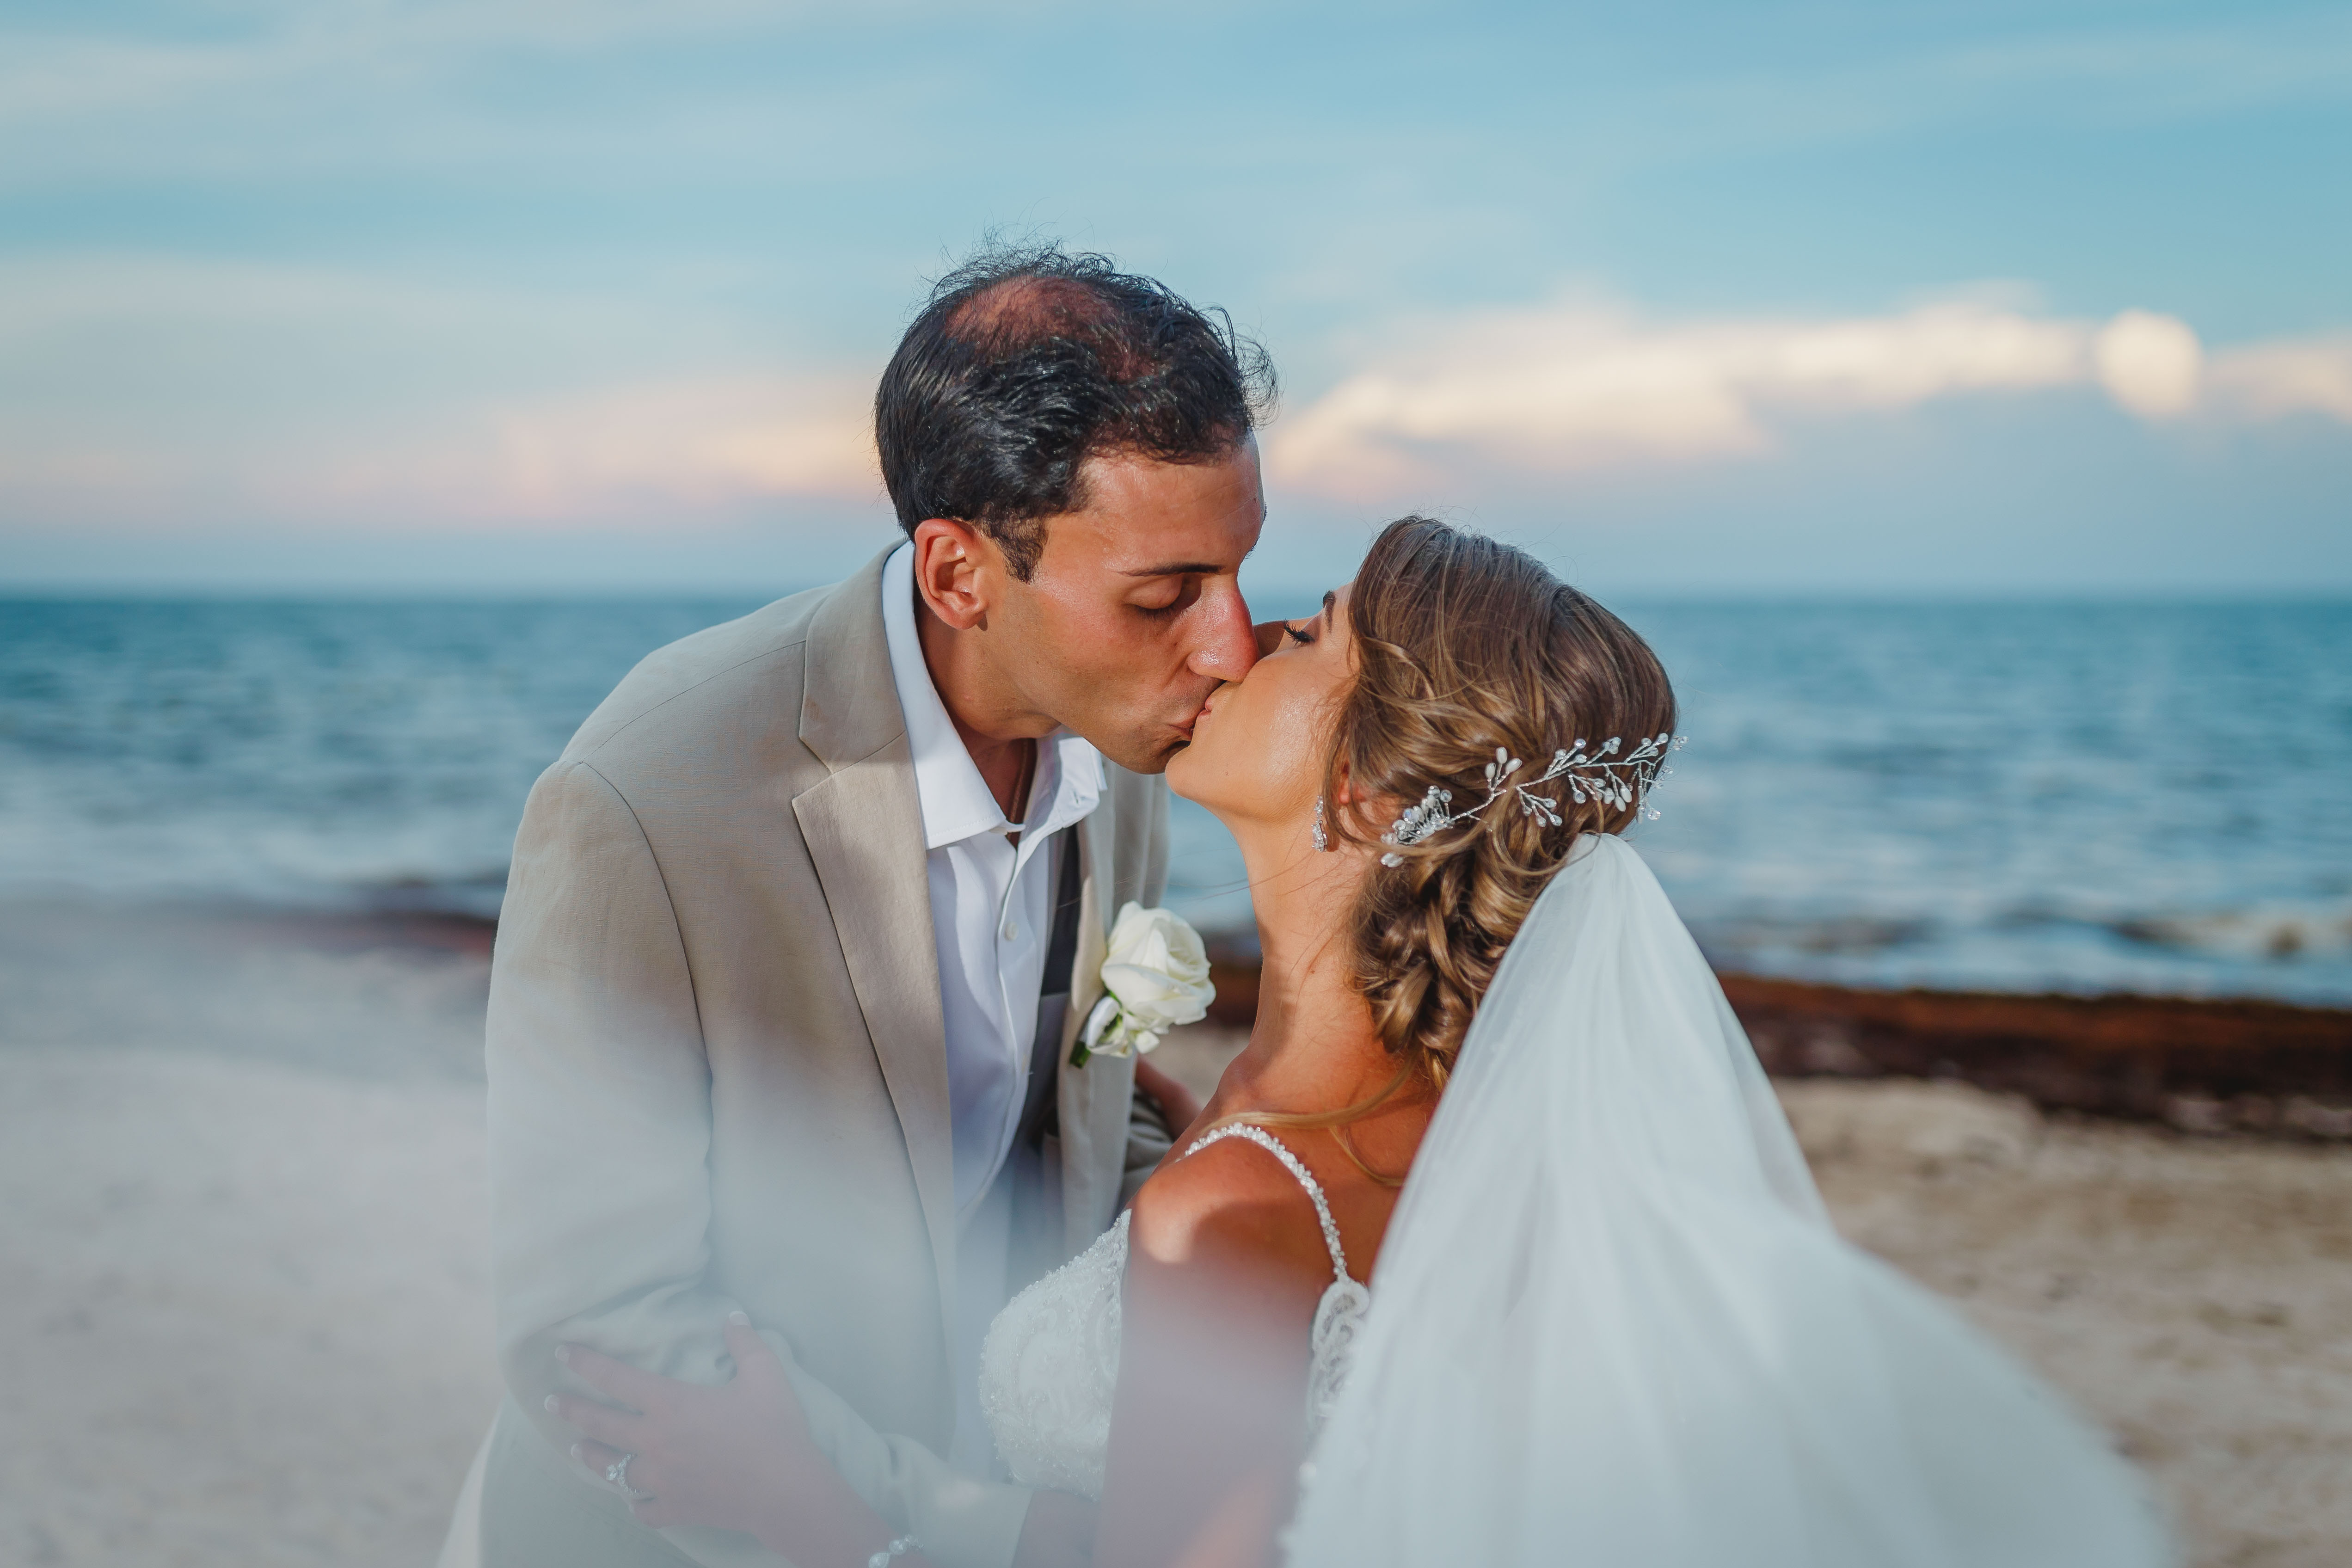 Geena + Adam | Puerto Morelos, Mexico | Dreams Riviera Cancun Resort & Spa